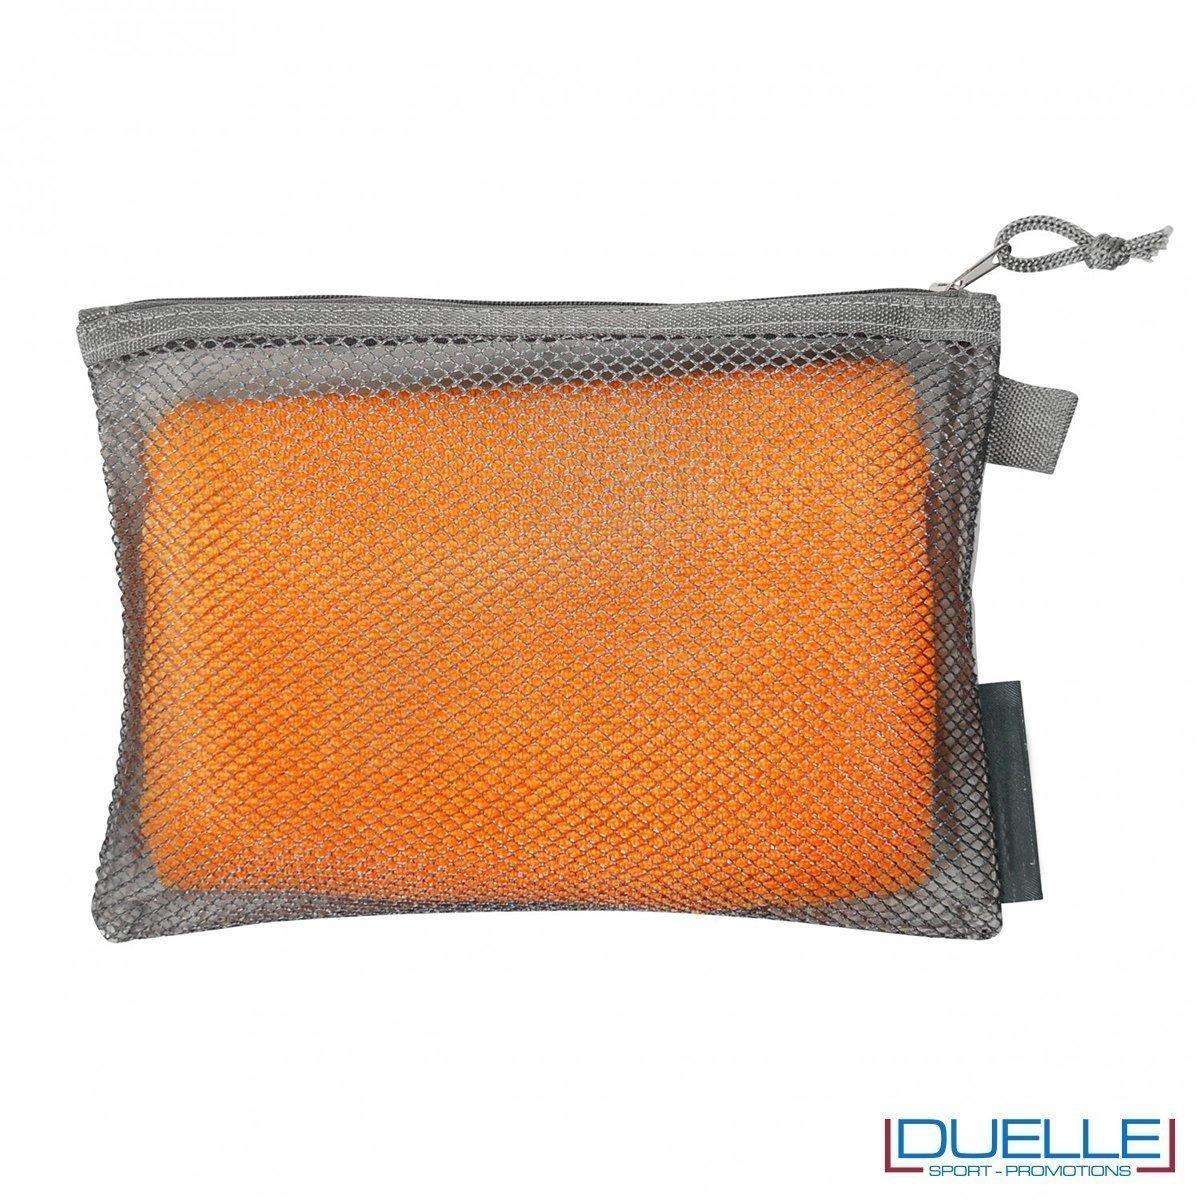 Asciugamano sportivo in microfibra R-pet con astuccio